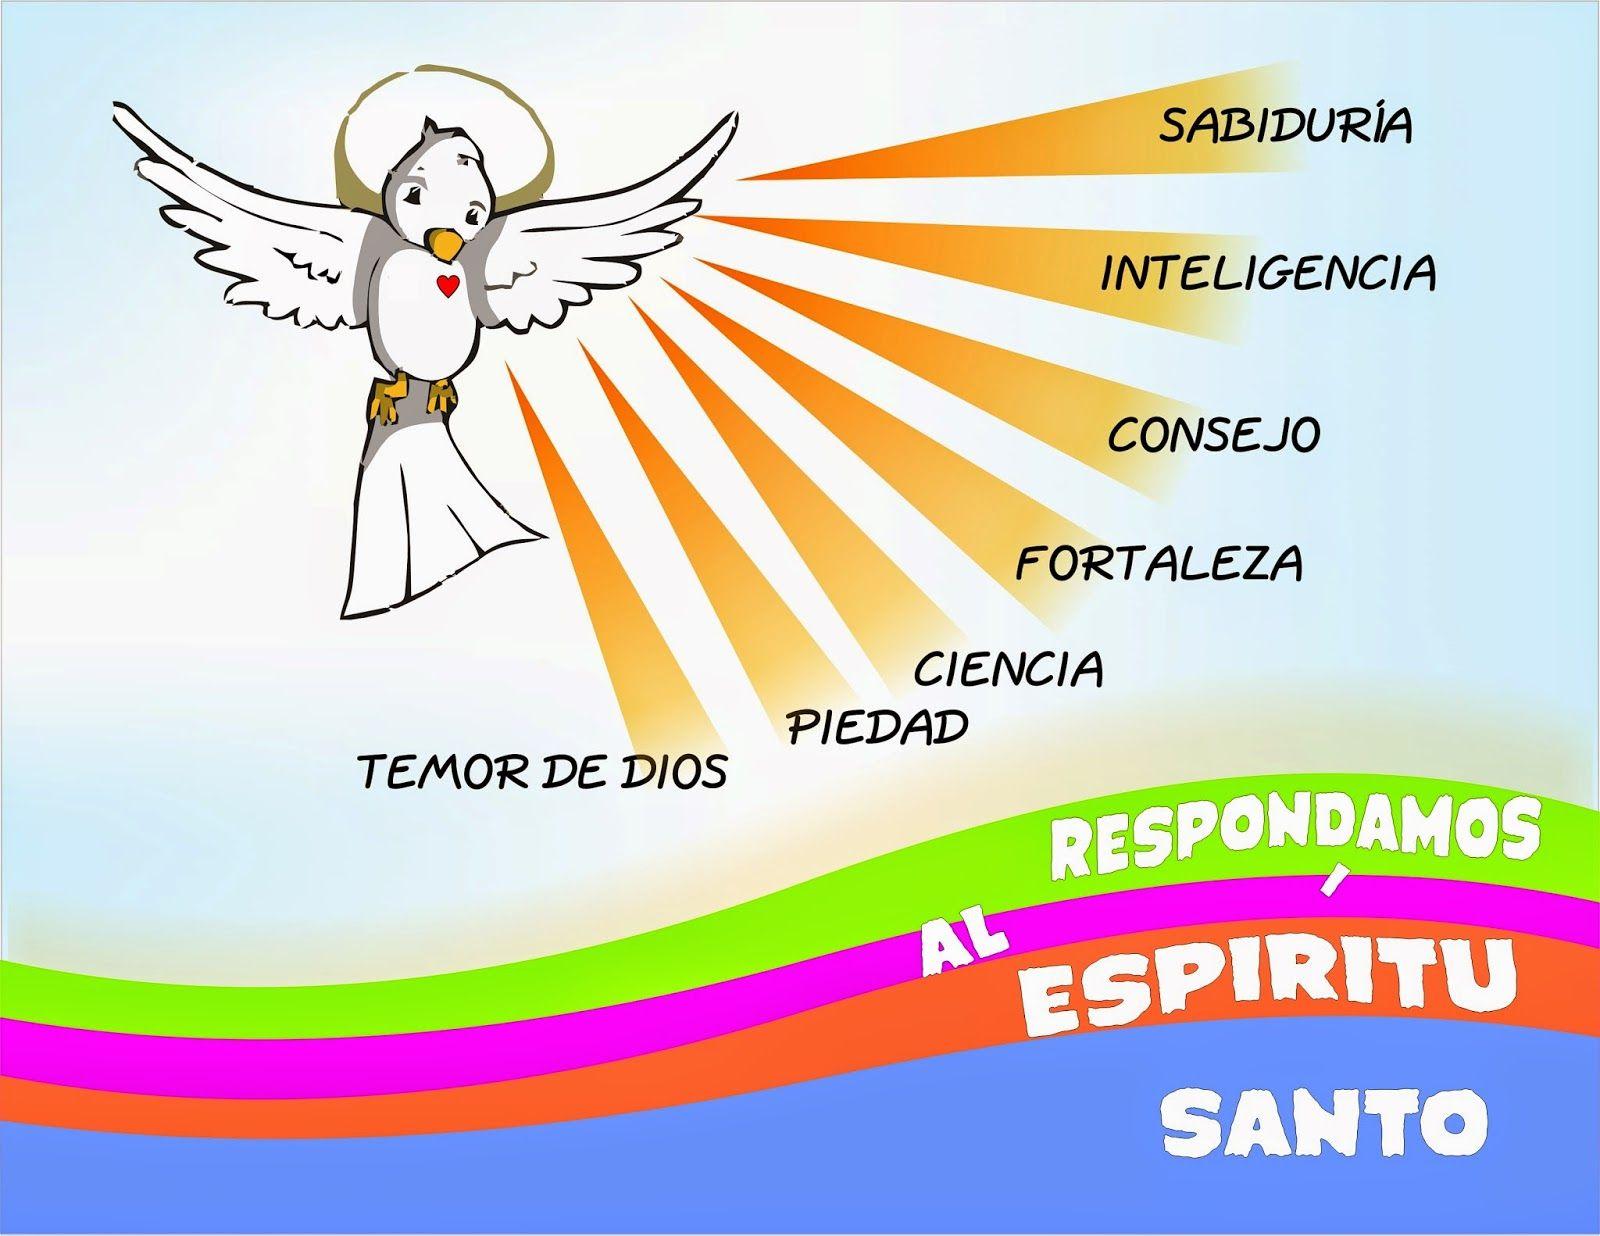 TARJETAS Y ORACIONES CATOLICAS   catesismo   Pinterest   Oraciones ...